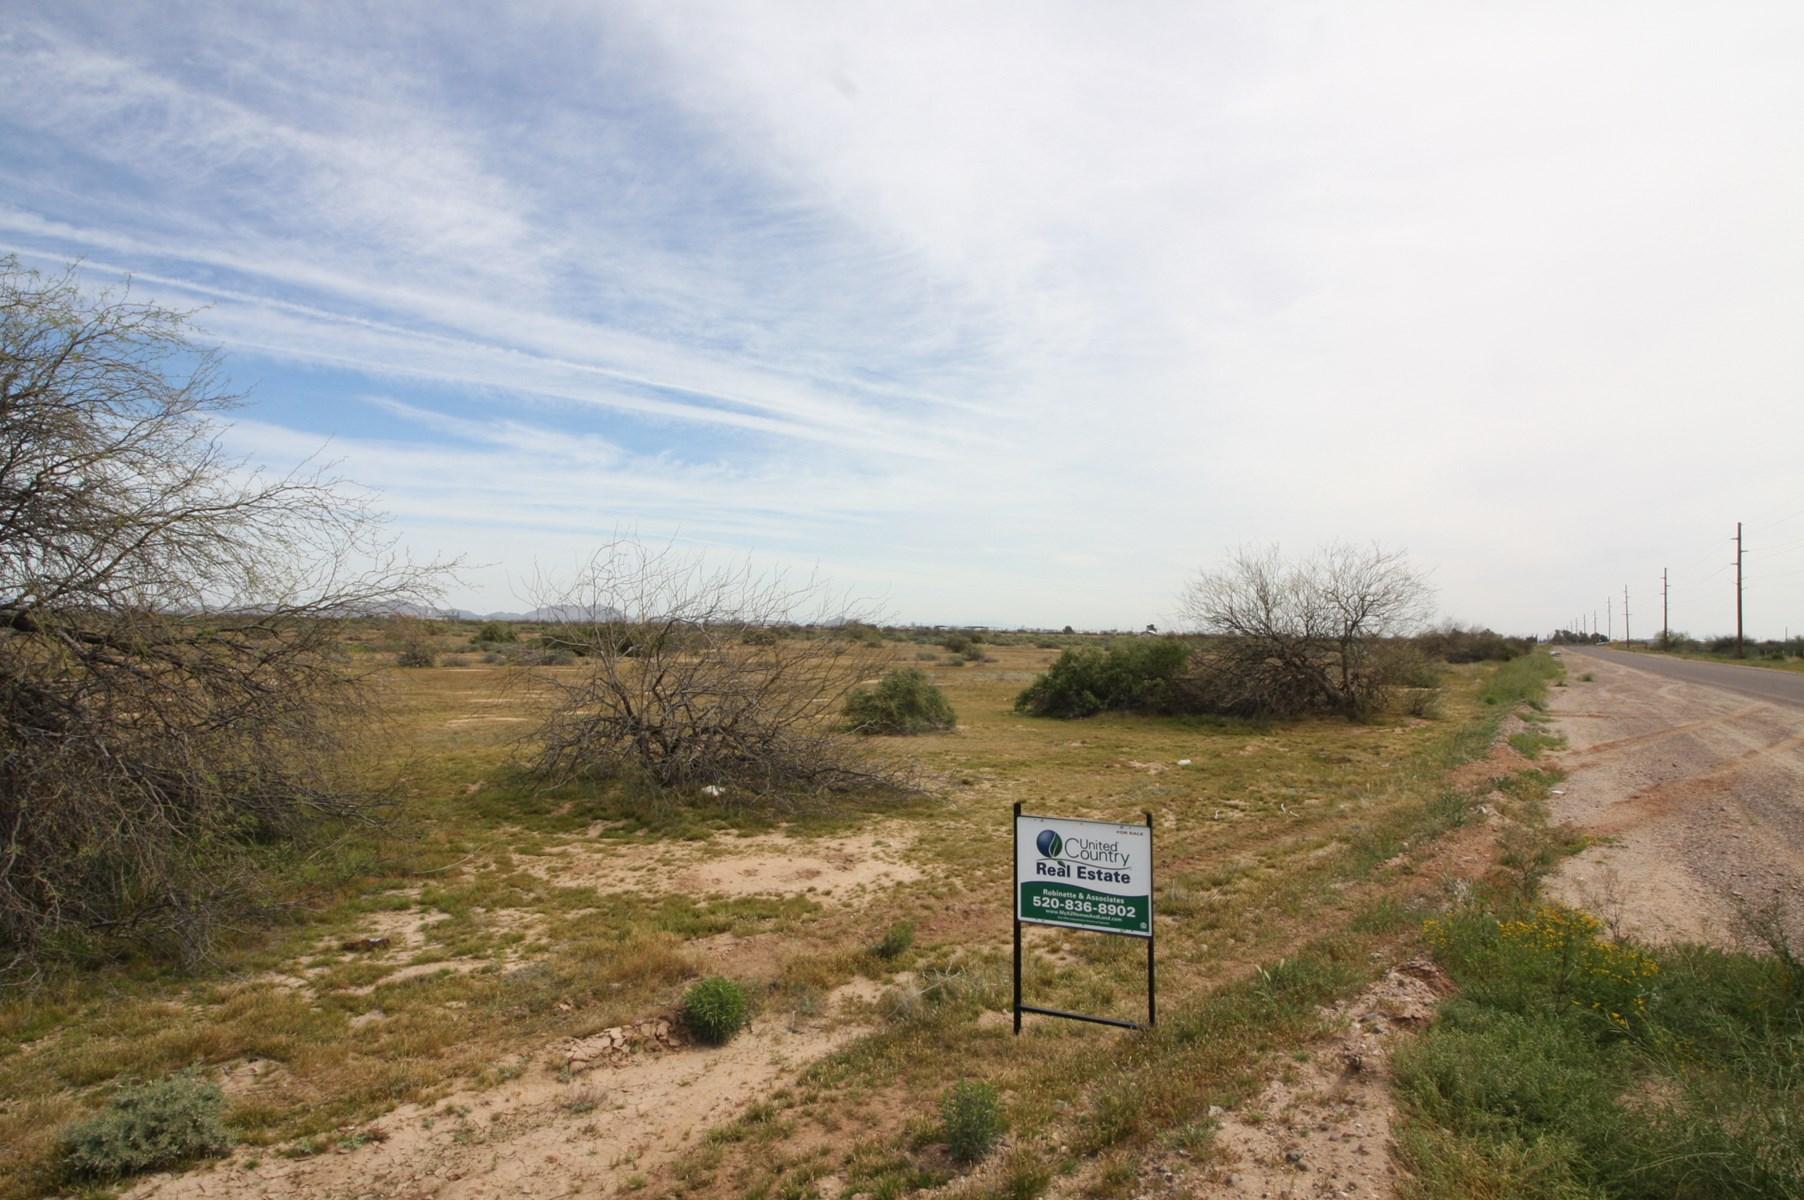 Land for sale Casa Grande AZ, Horse property for sale AZ